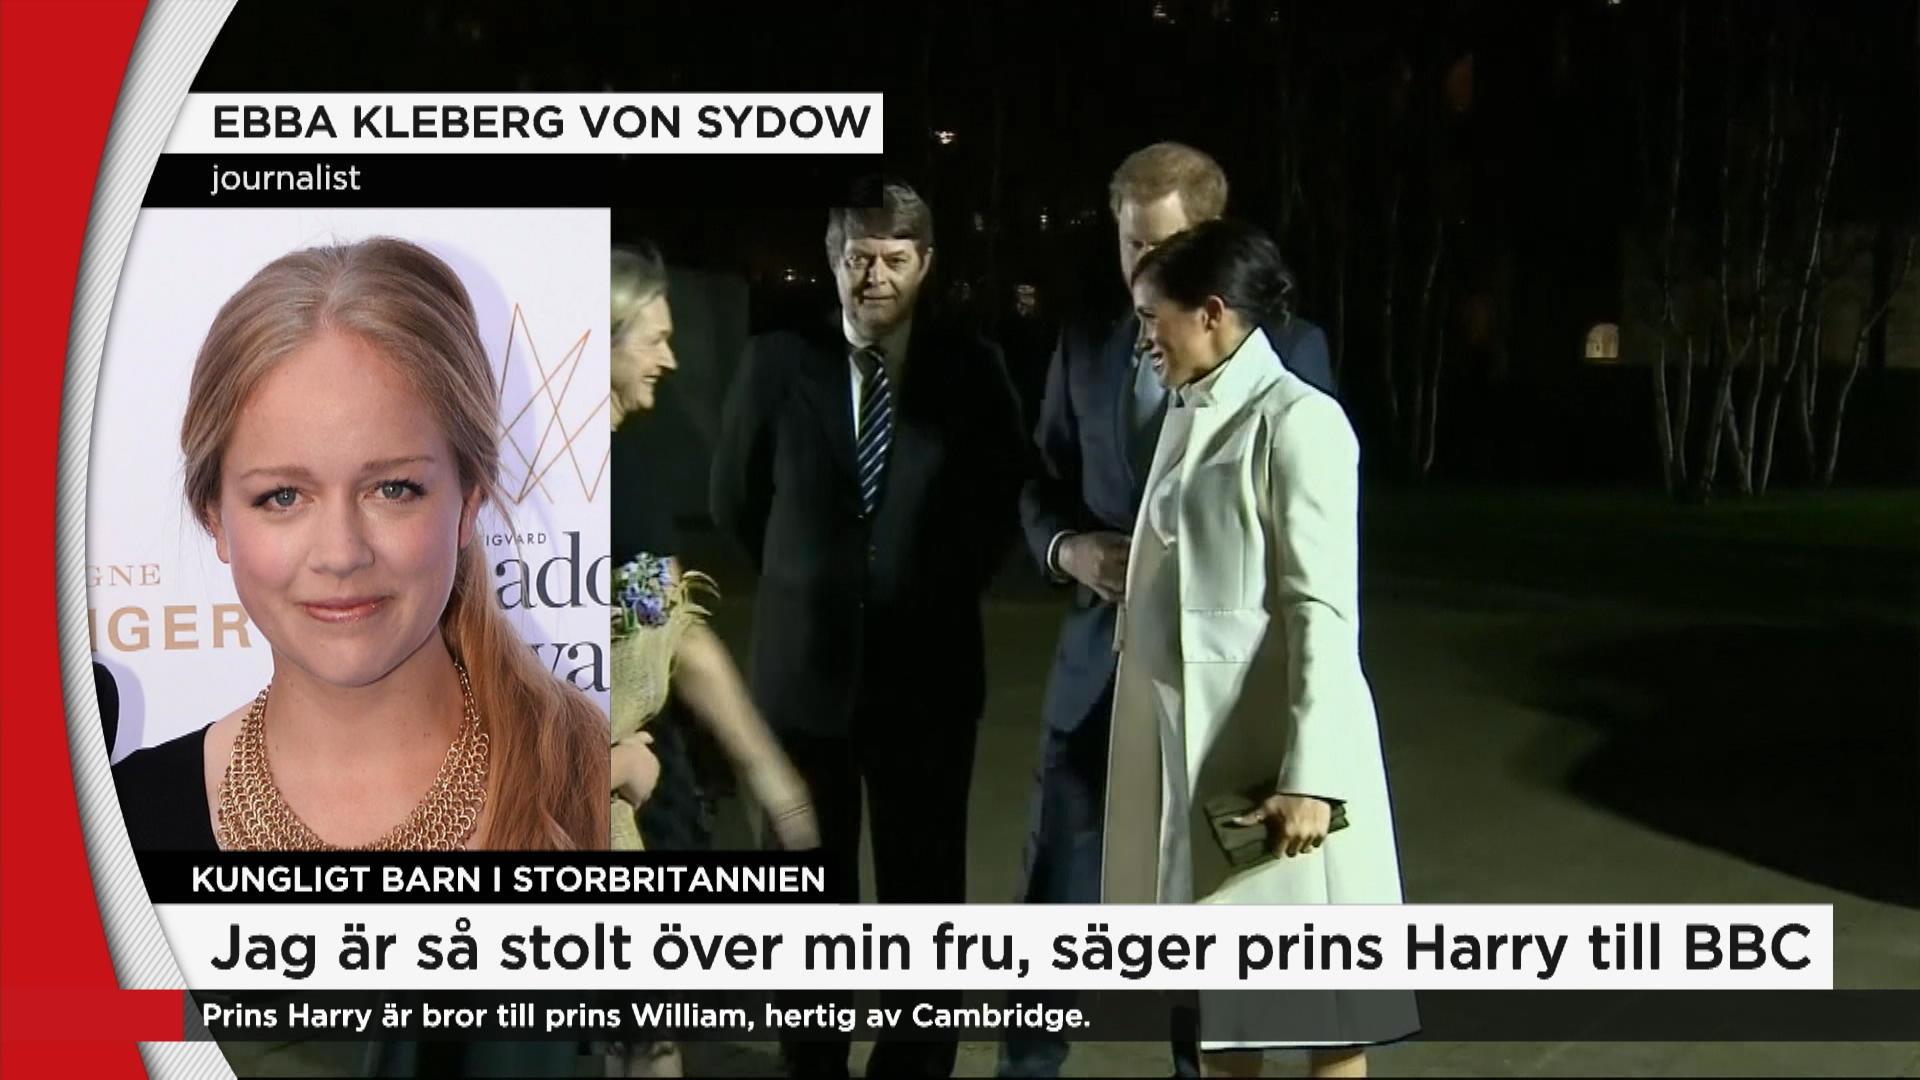 08f81e24afef Ebba Von Sydow efter besked om kungligt bebis: Ӏntligen! Jag har inte  kunnat